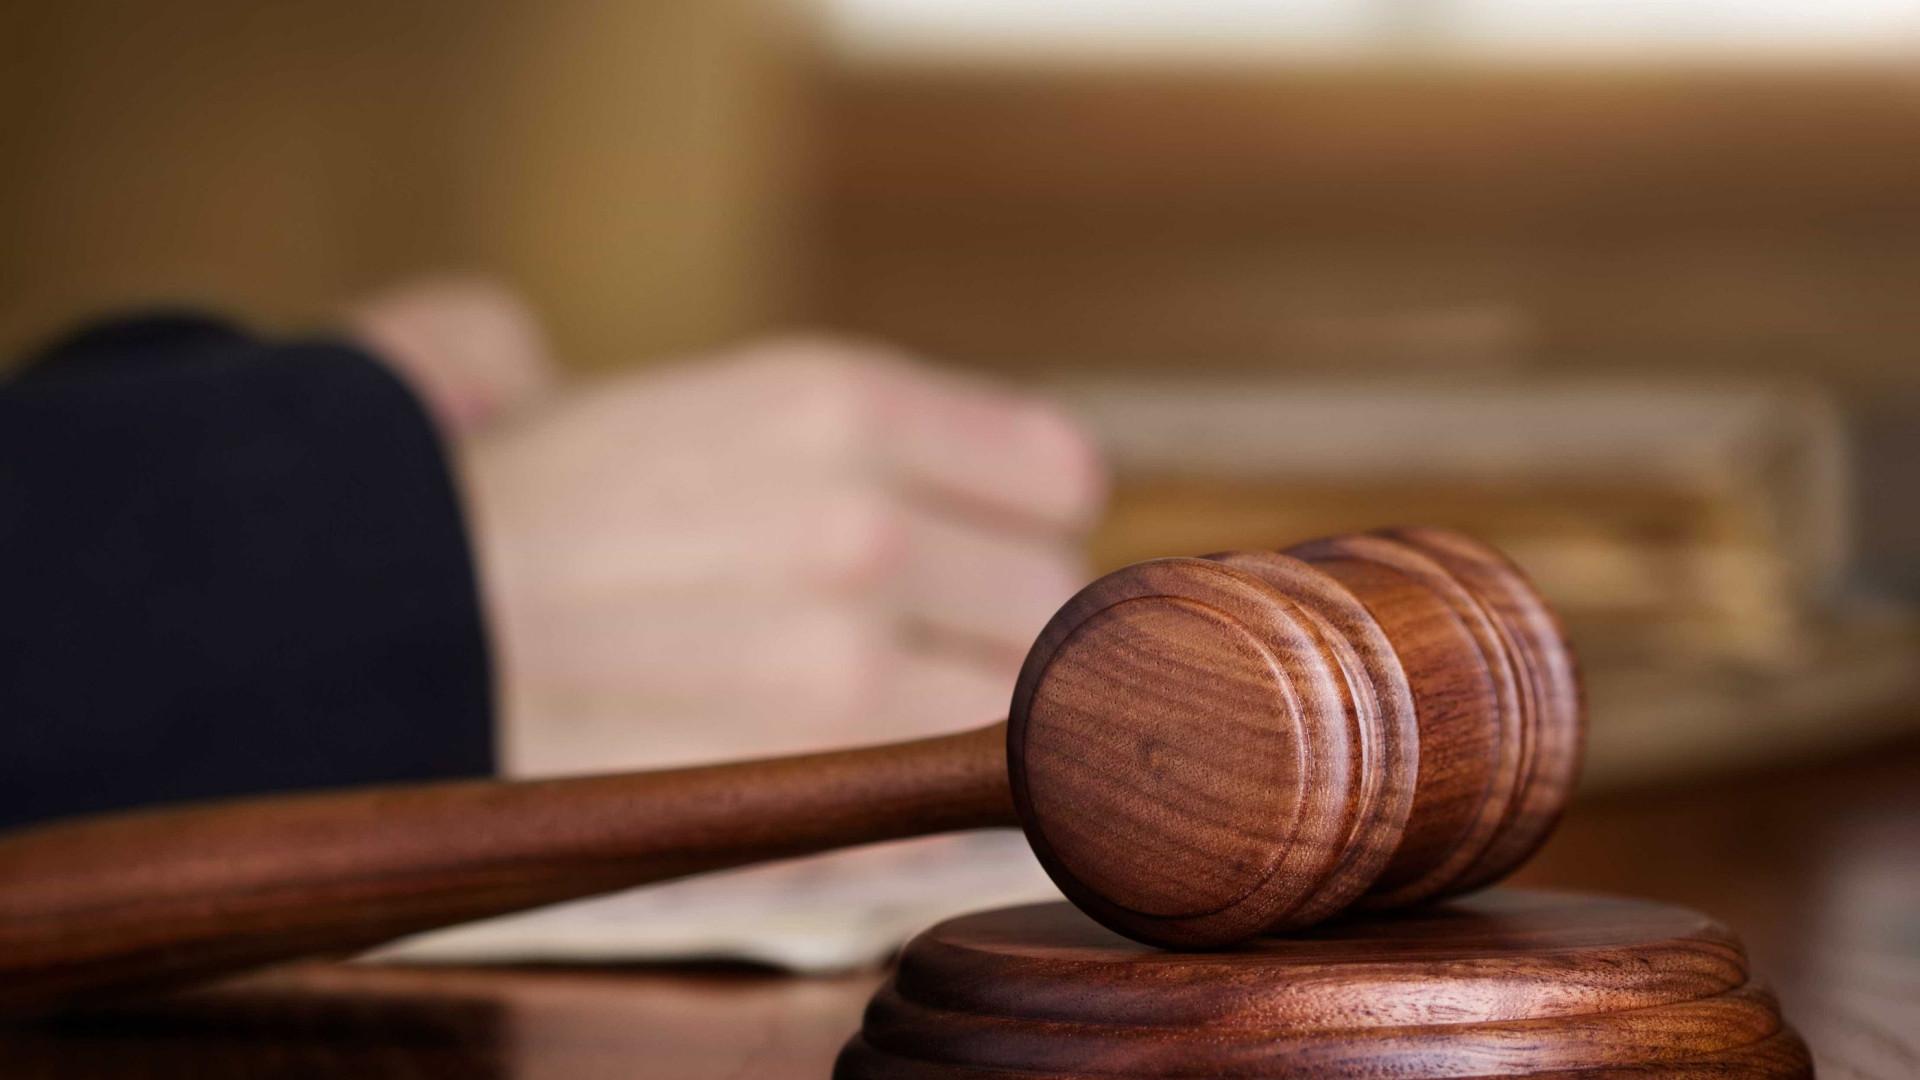 Famalicão. Pena suspensa para homem que durante 32 anos violentou mulher